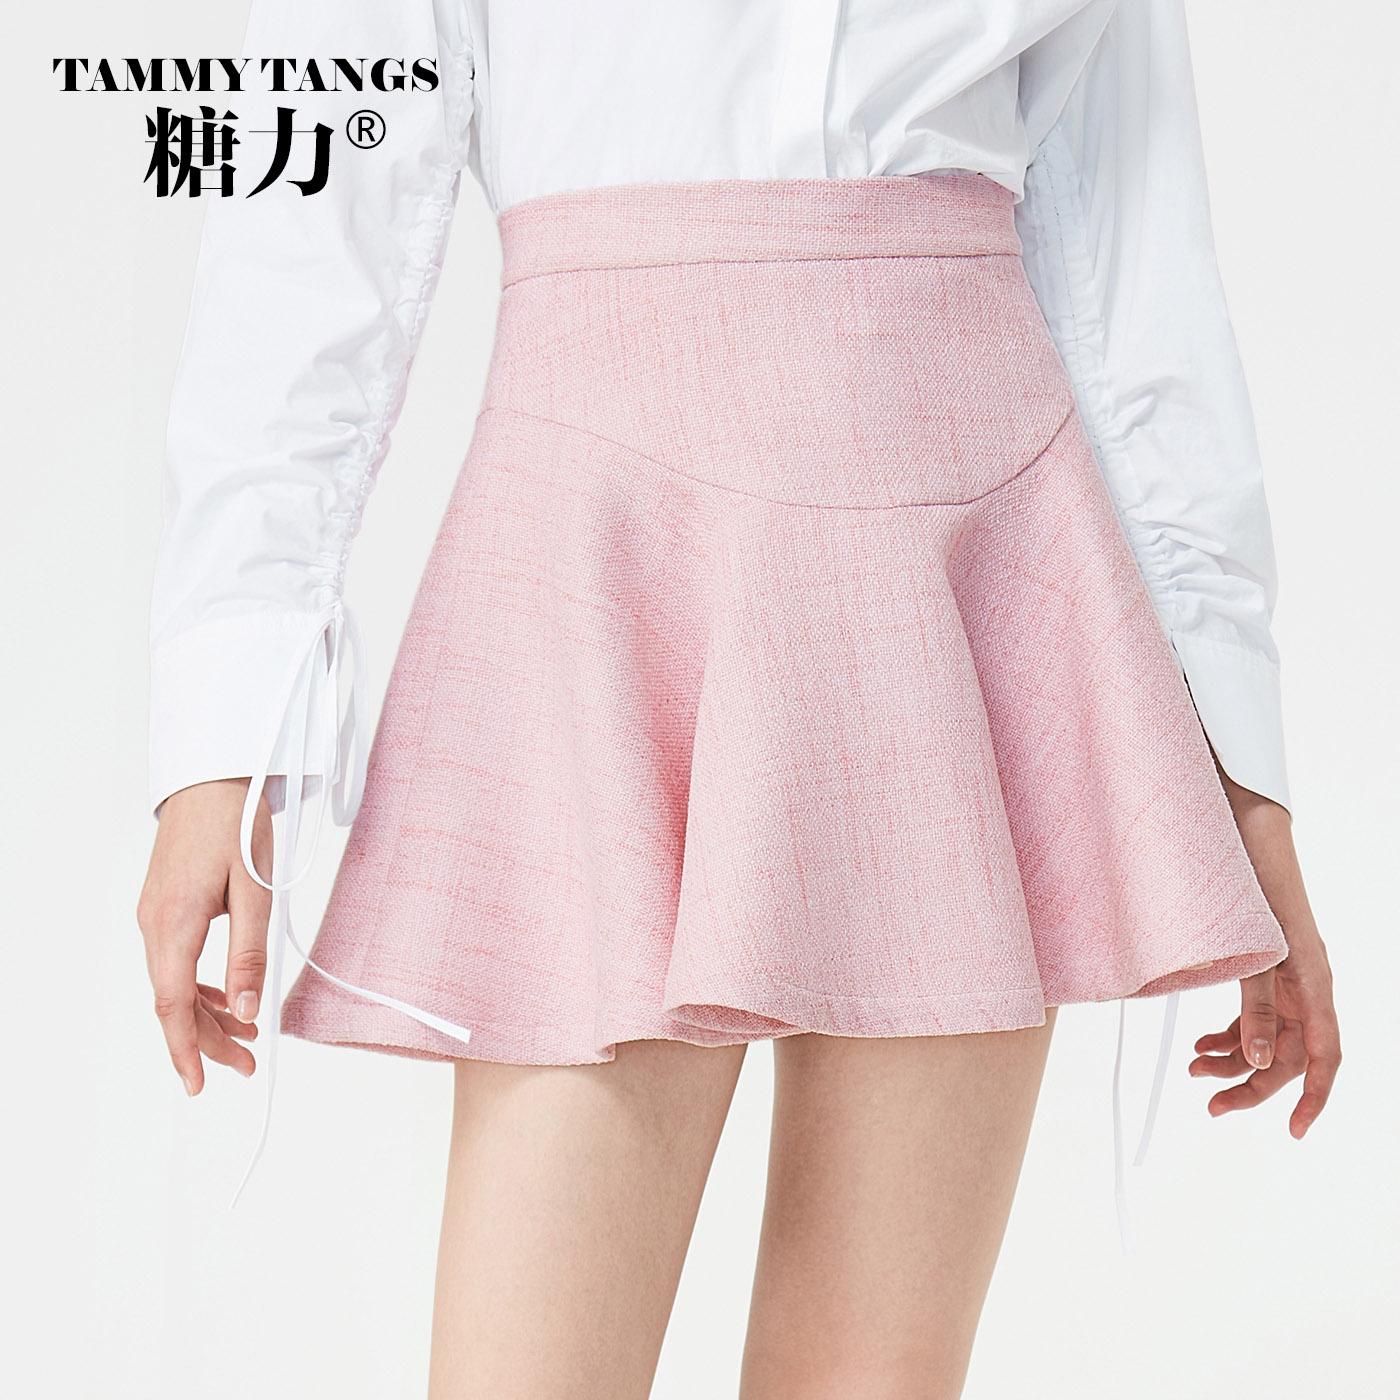 糖力2018春夏装新款欧美女装粉色甜美小香风半身裙高腰荷叶边短裙